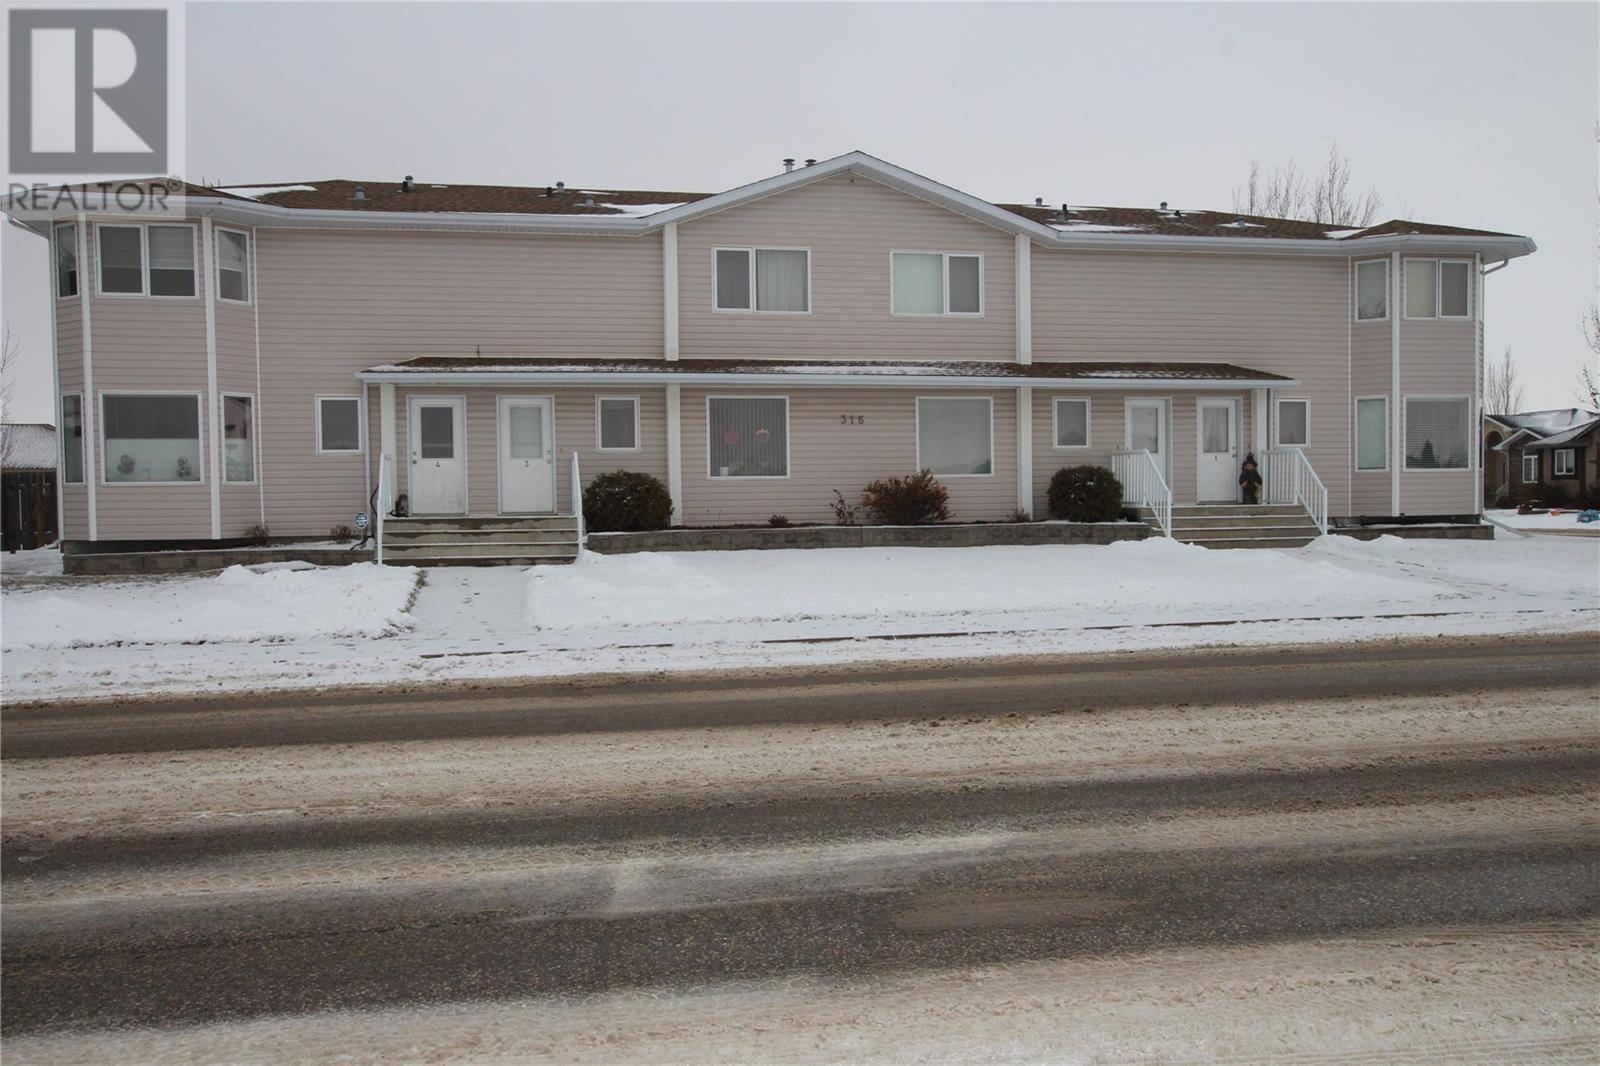 Townhouse for sale at 316 Morrison Dr Unit 4d Yorkton Saskatchewan - MLS: SK791321